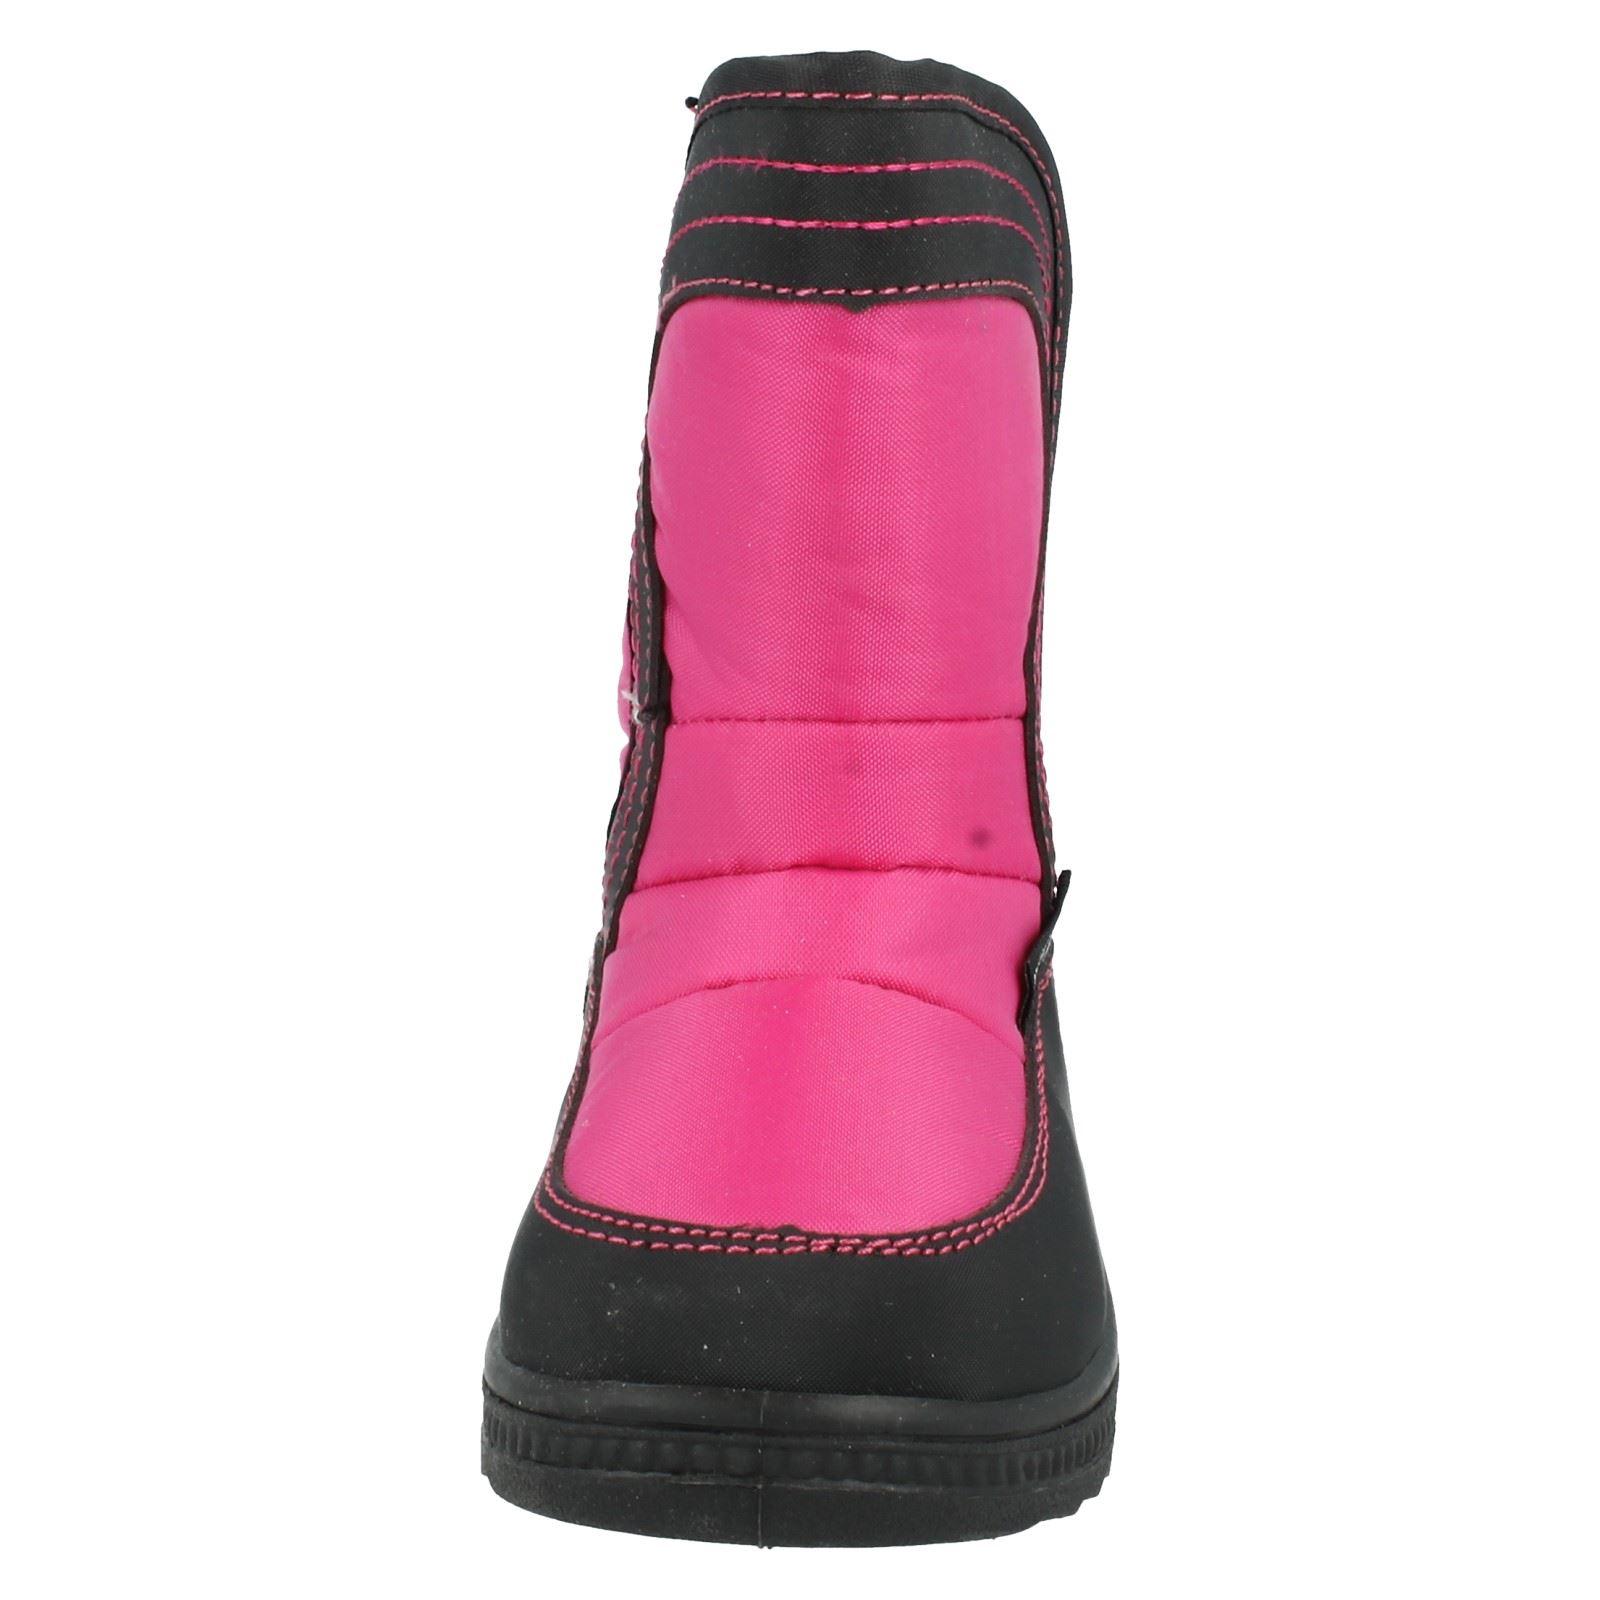 Girls Reflex Snow Boots Label H4072